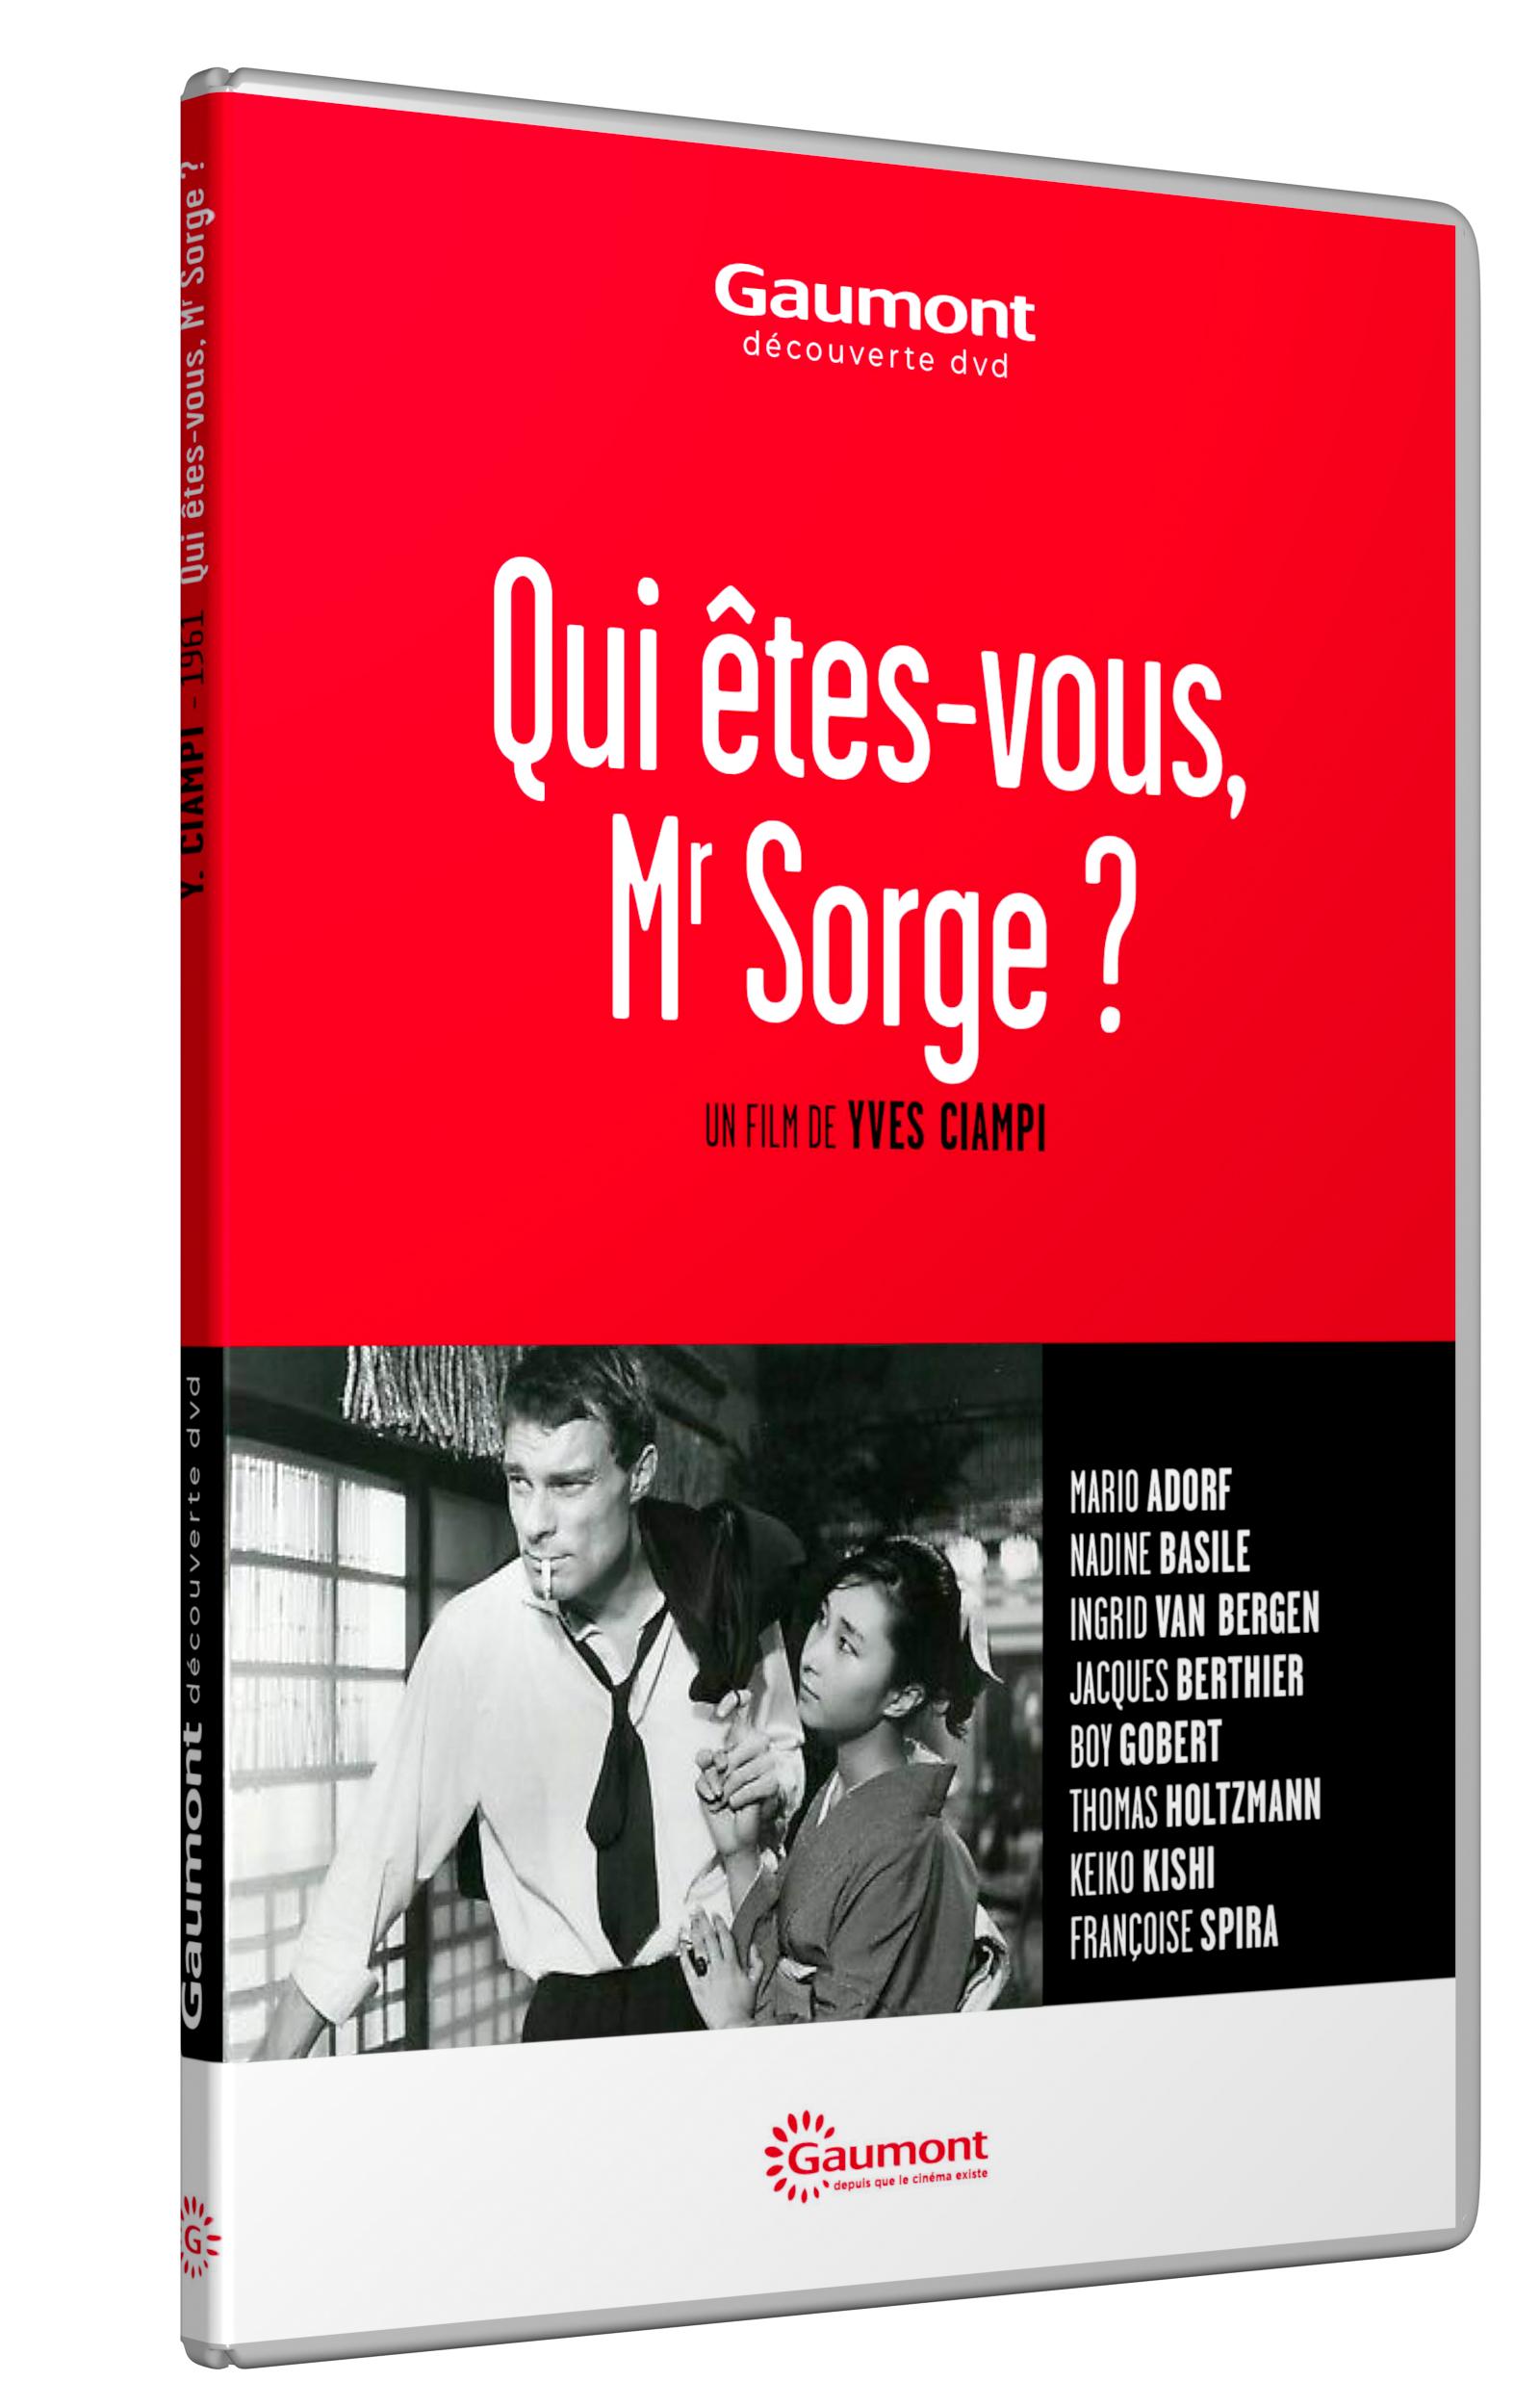 QUI ETES-VOUS, MR SORGE ?